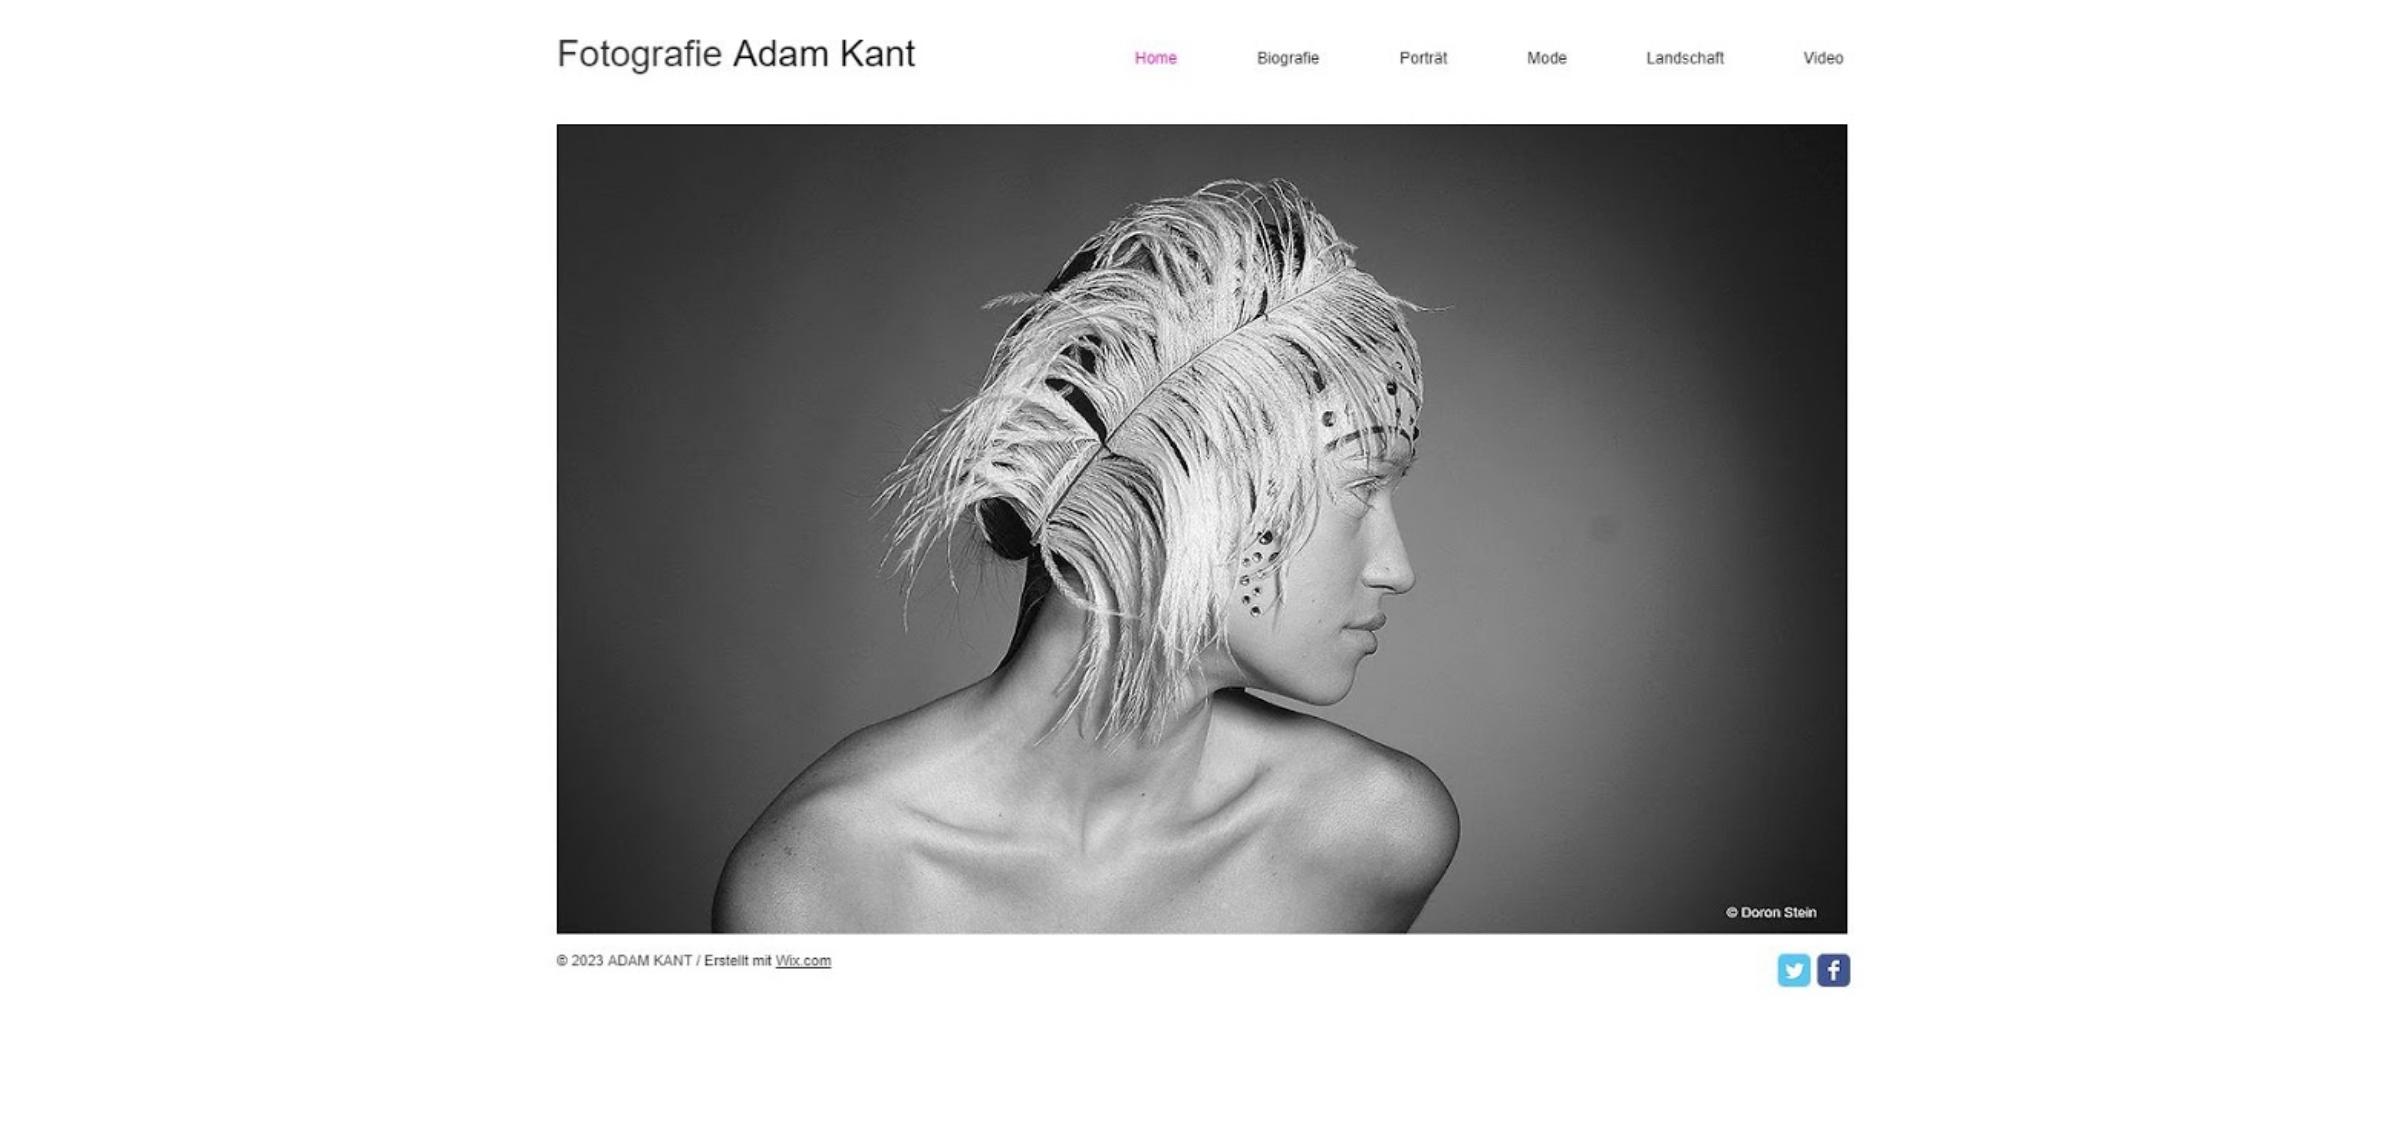 Fotografie Website erstellen mit Wix - Beispiel 3